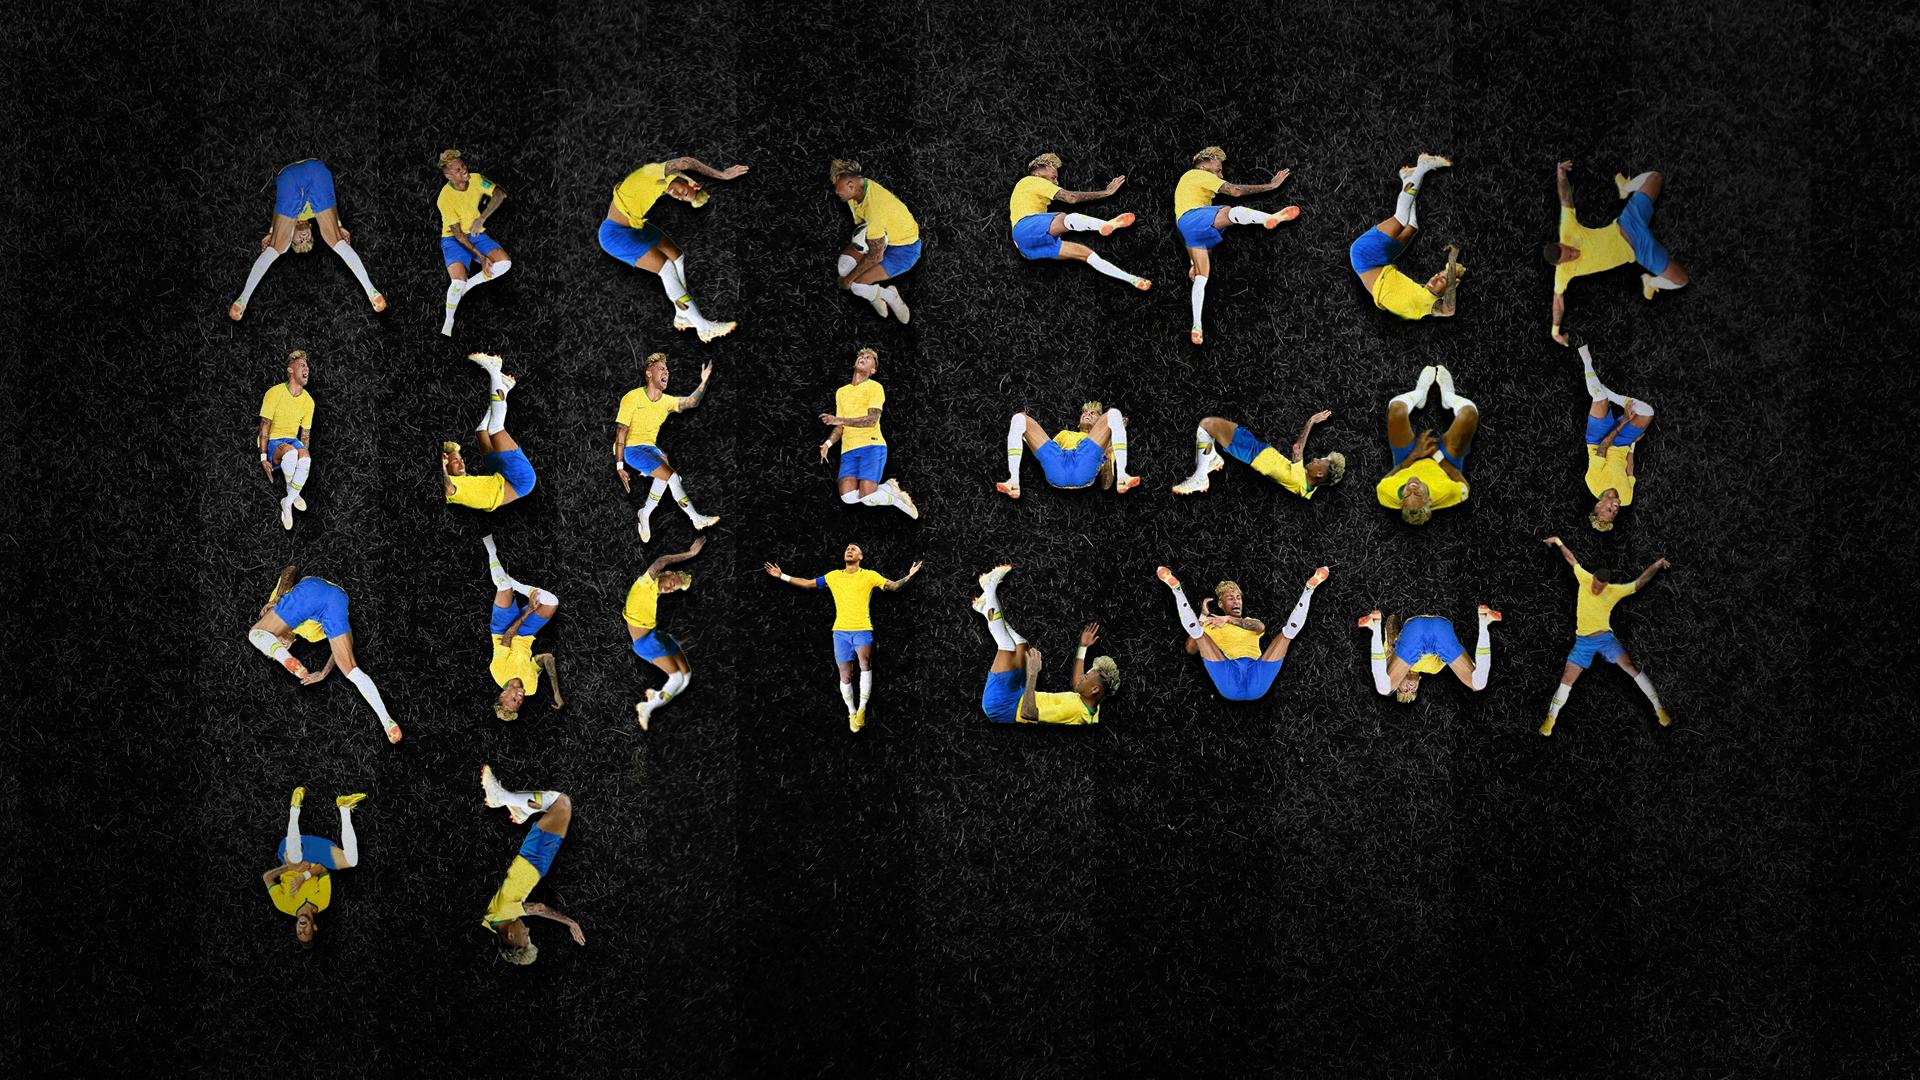 Une police de caractères reprend les roulades de Neymar